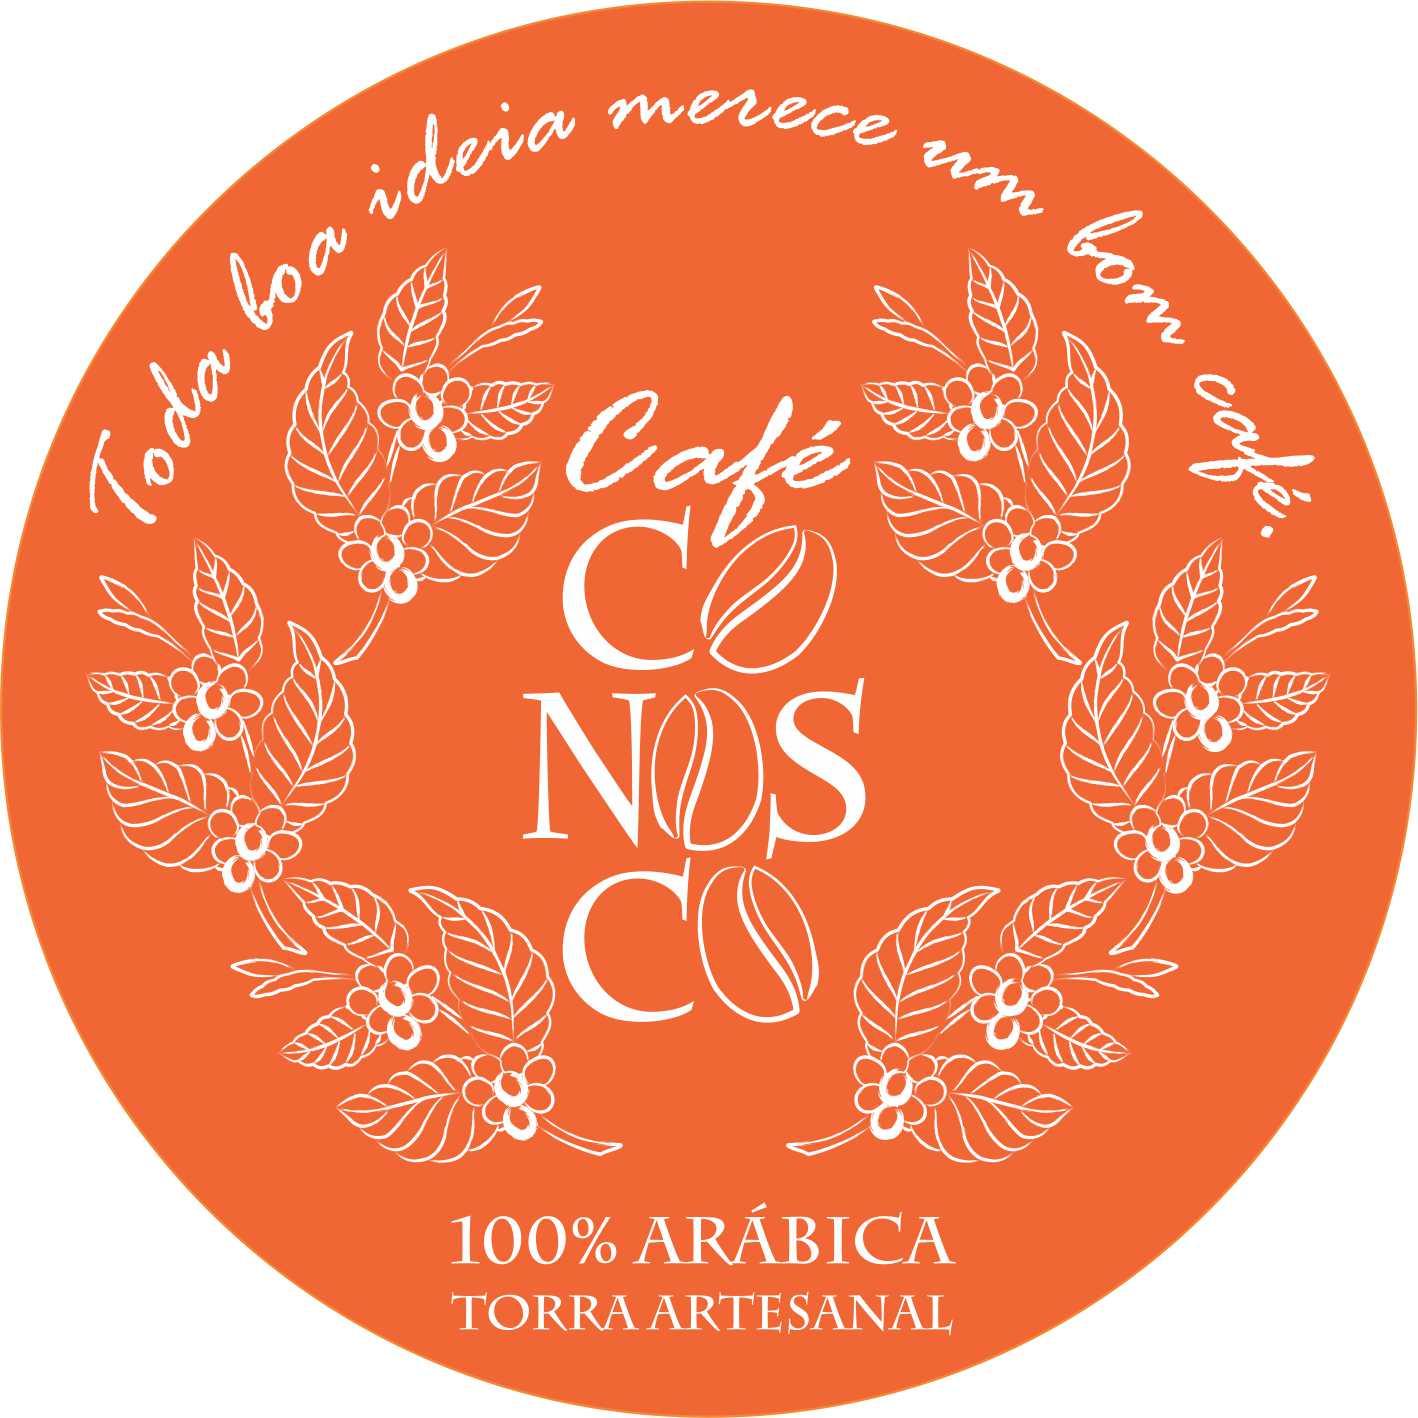 Café Conosco